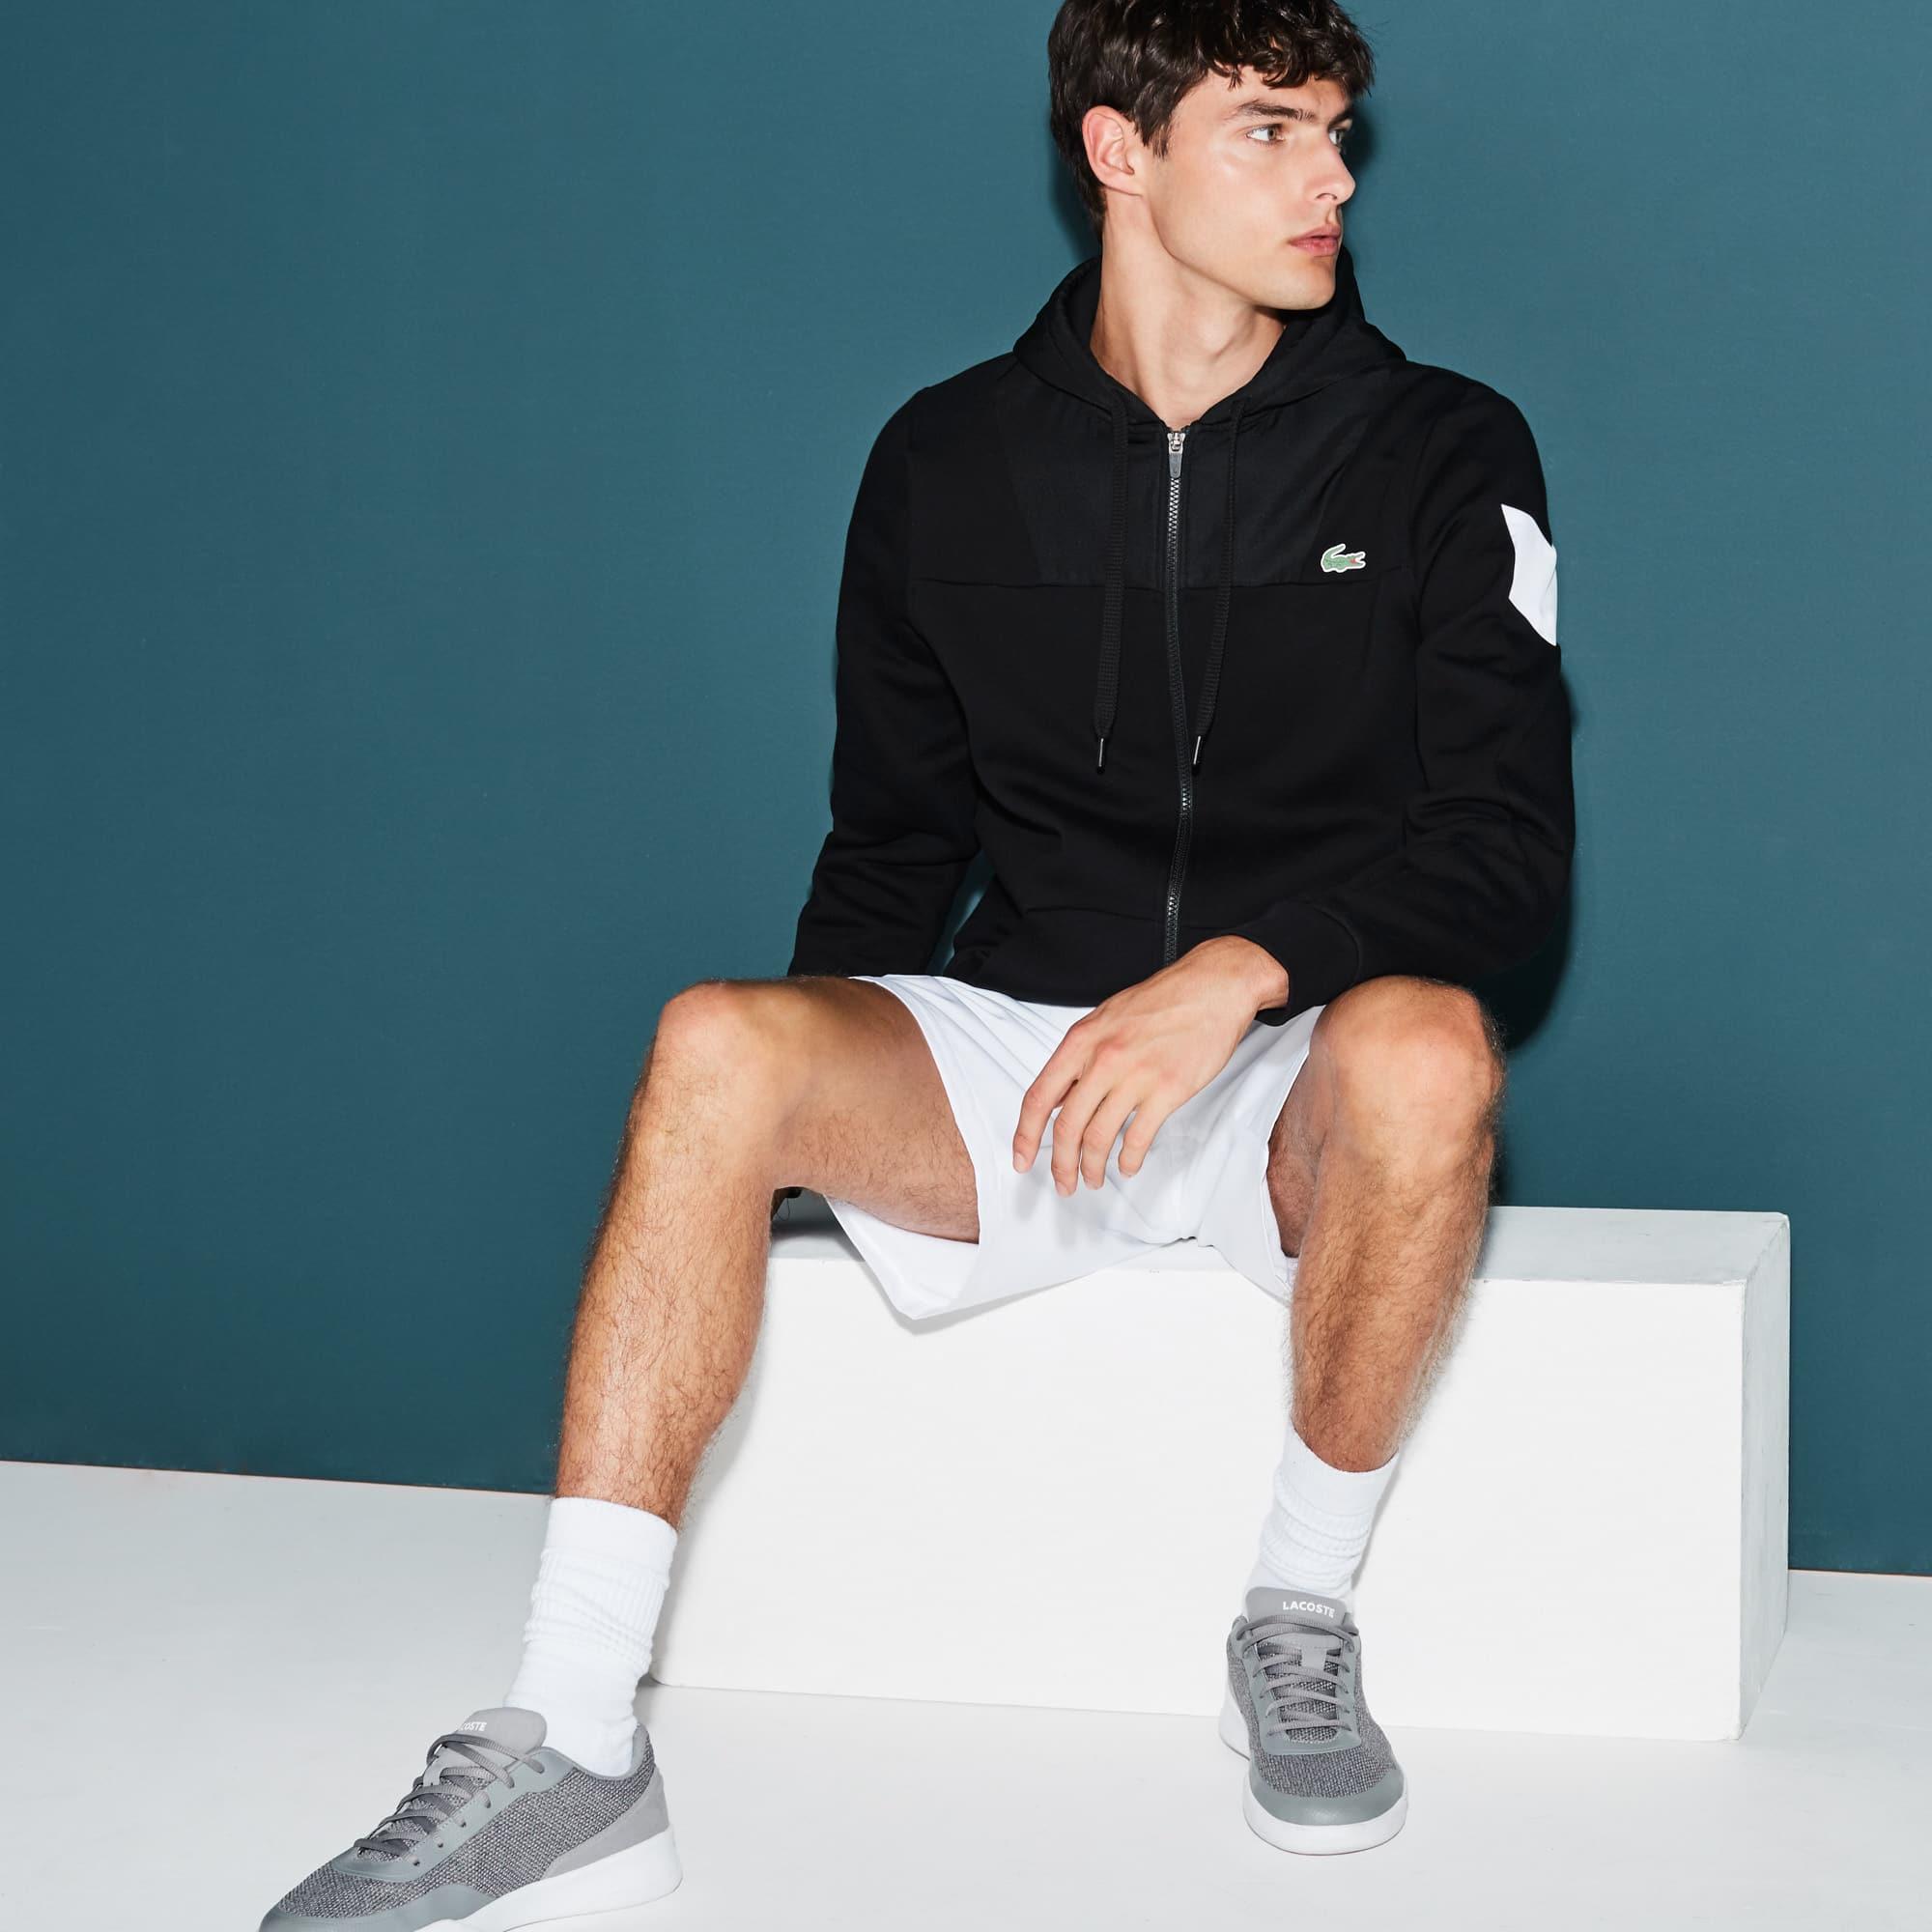 Men's  SPORT Tennis Colorblock Bi-material Zip Sweatshirt